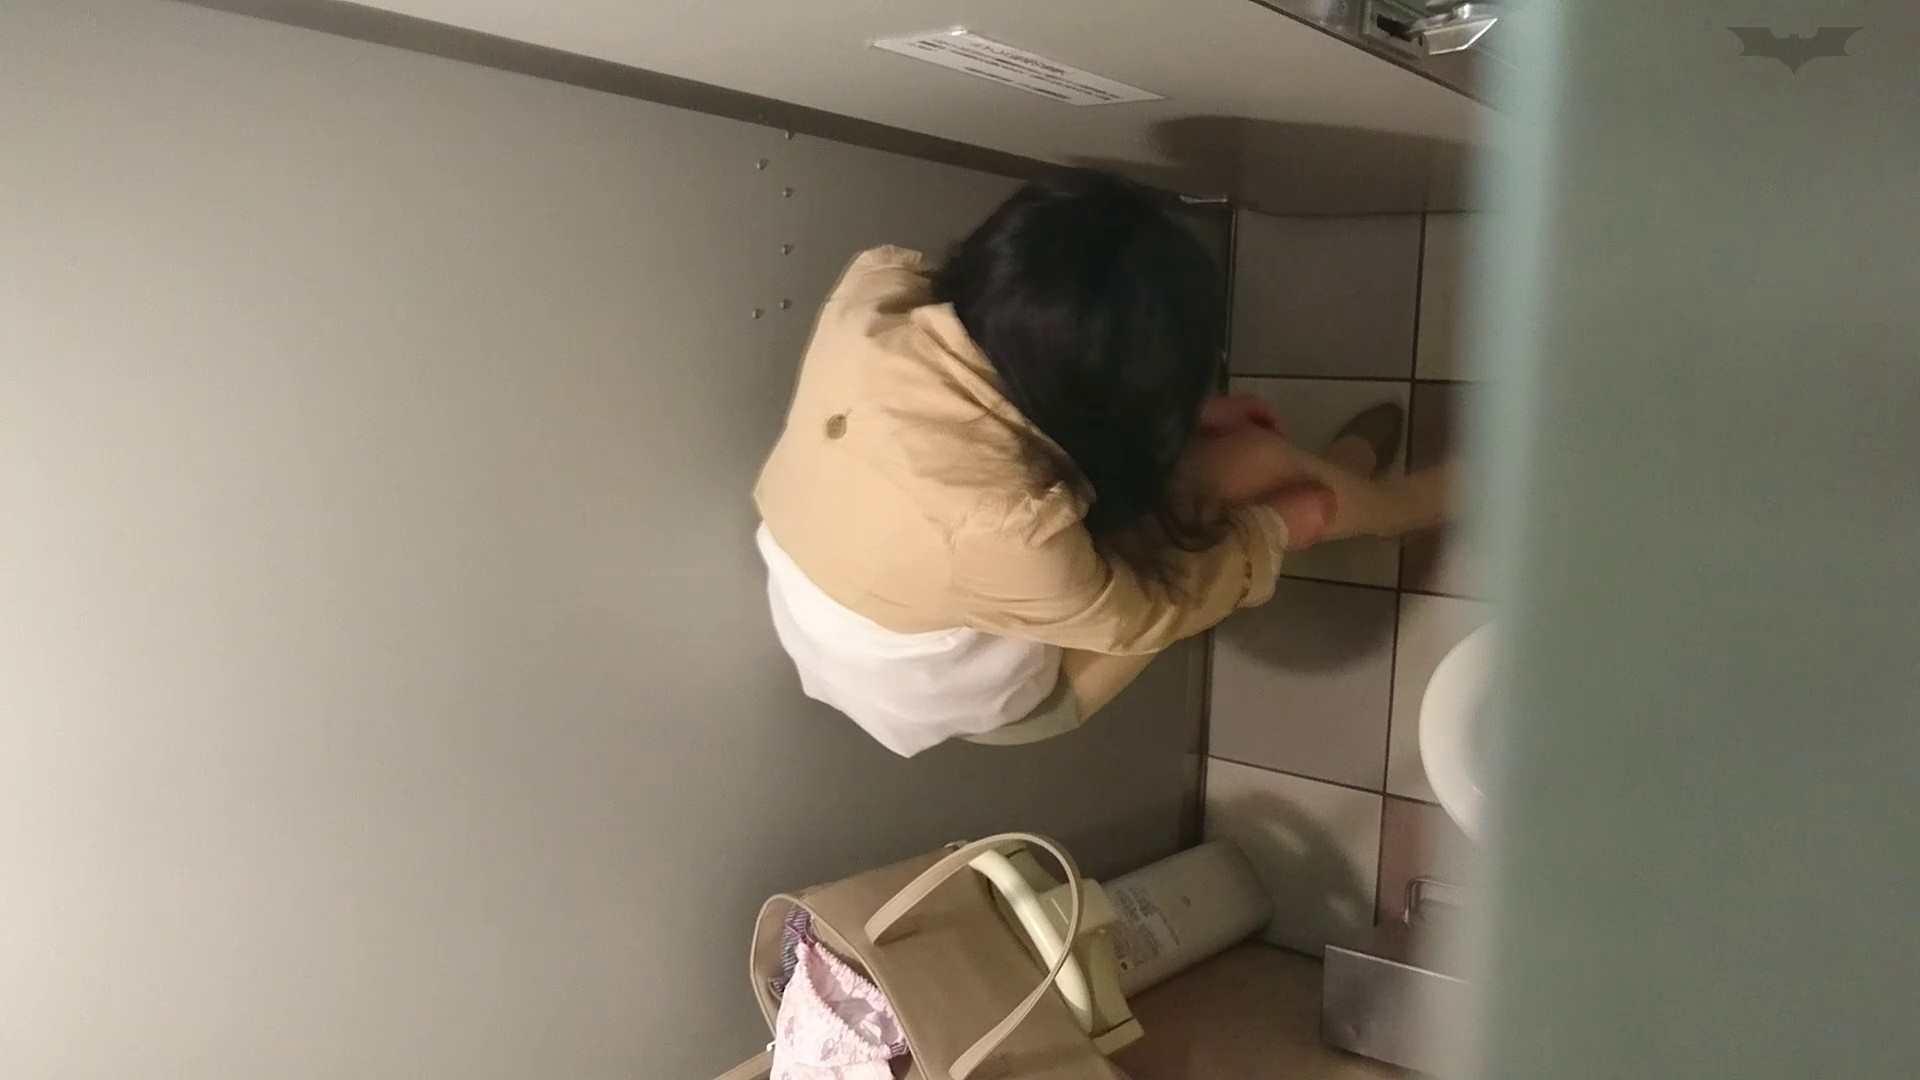 化粧室絵巻 ショッピングモール編 VOL.19 高評価 アダルト動画キャプチャ 78枚 47